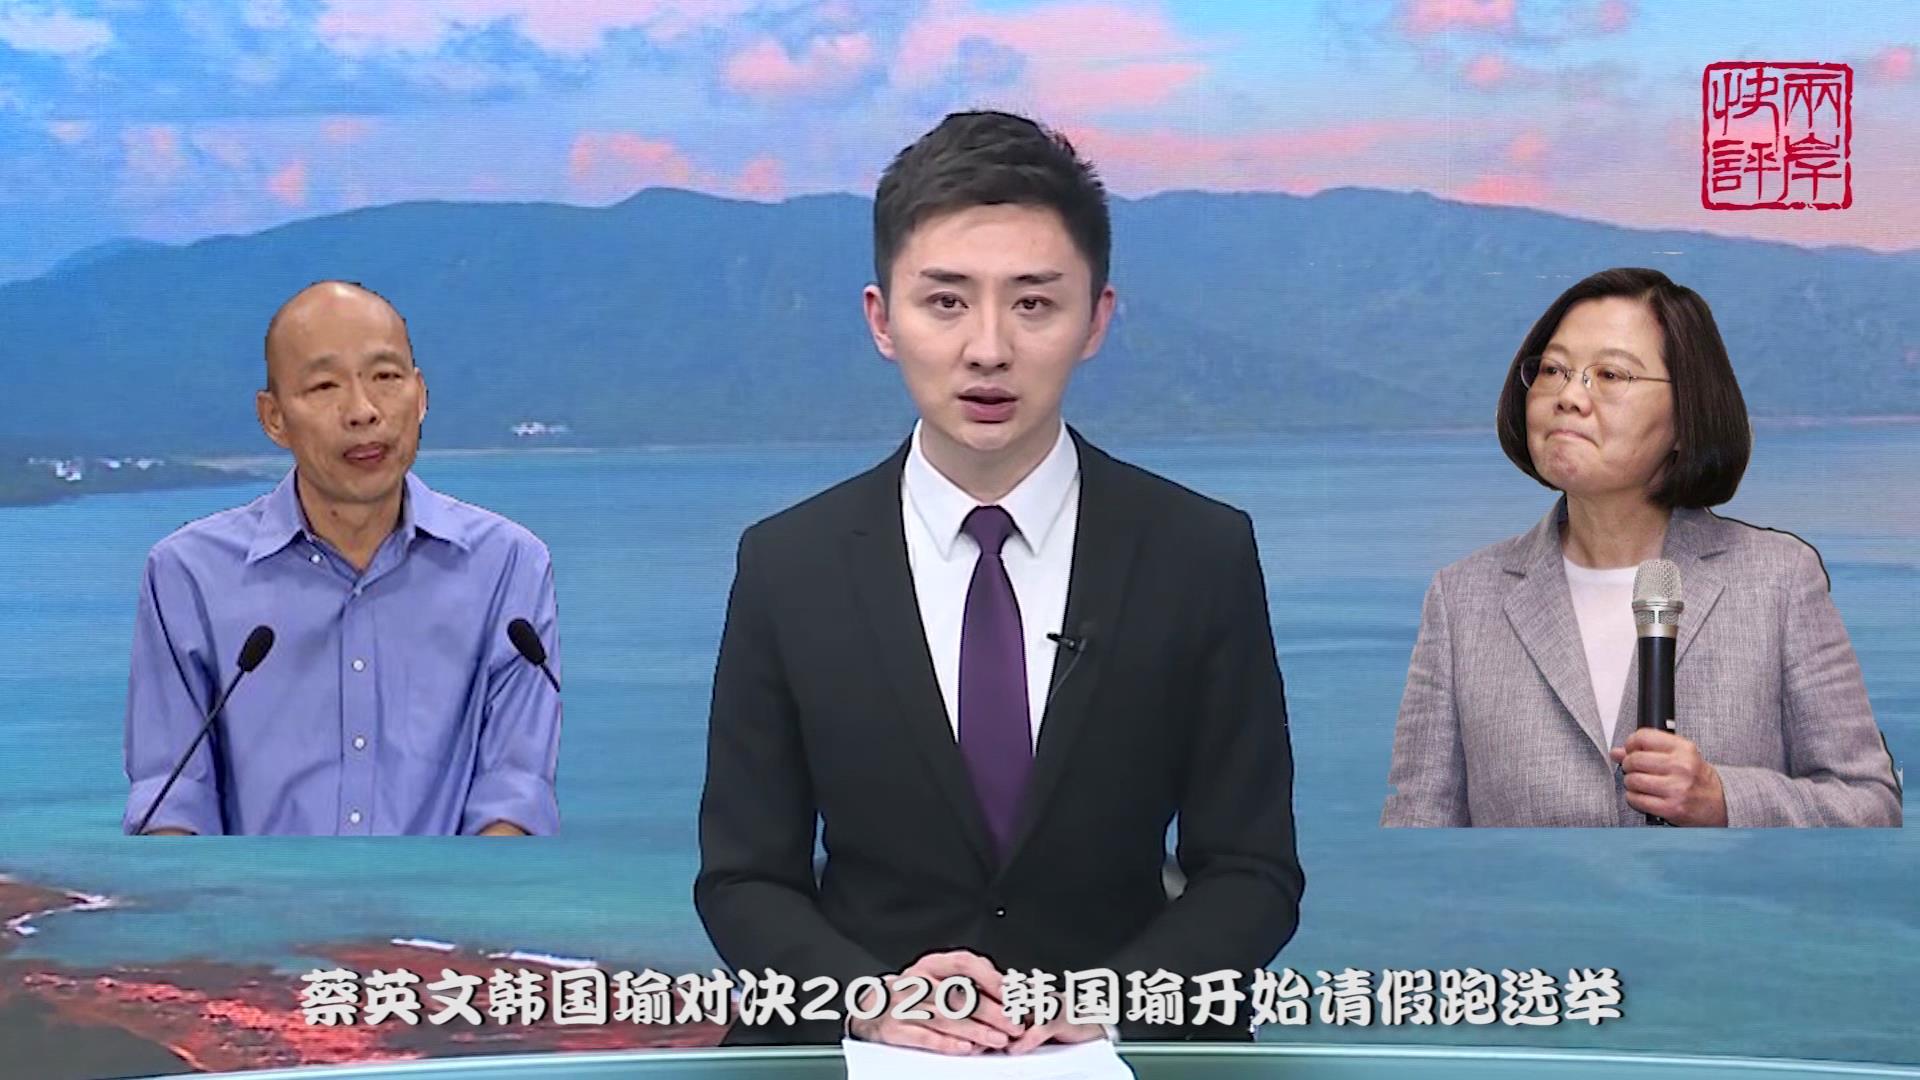 """蔡英文韩国瑜:庙堂政治与""""长期失业的中年大叔""""图片"""